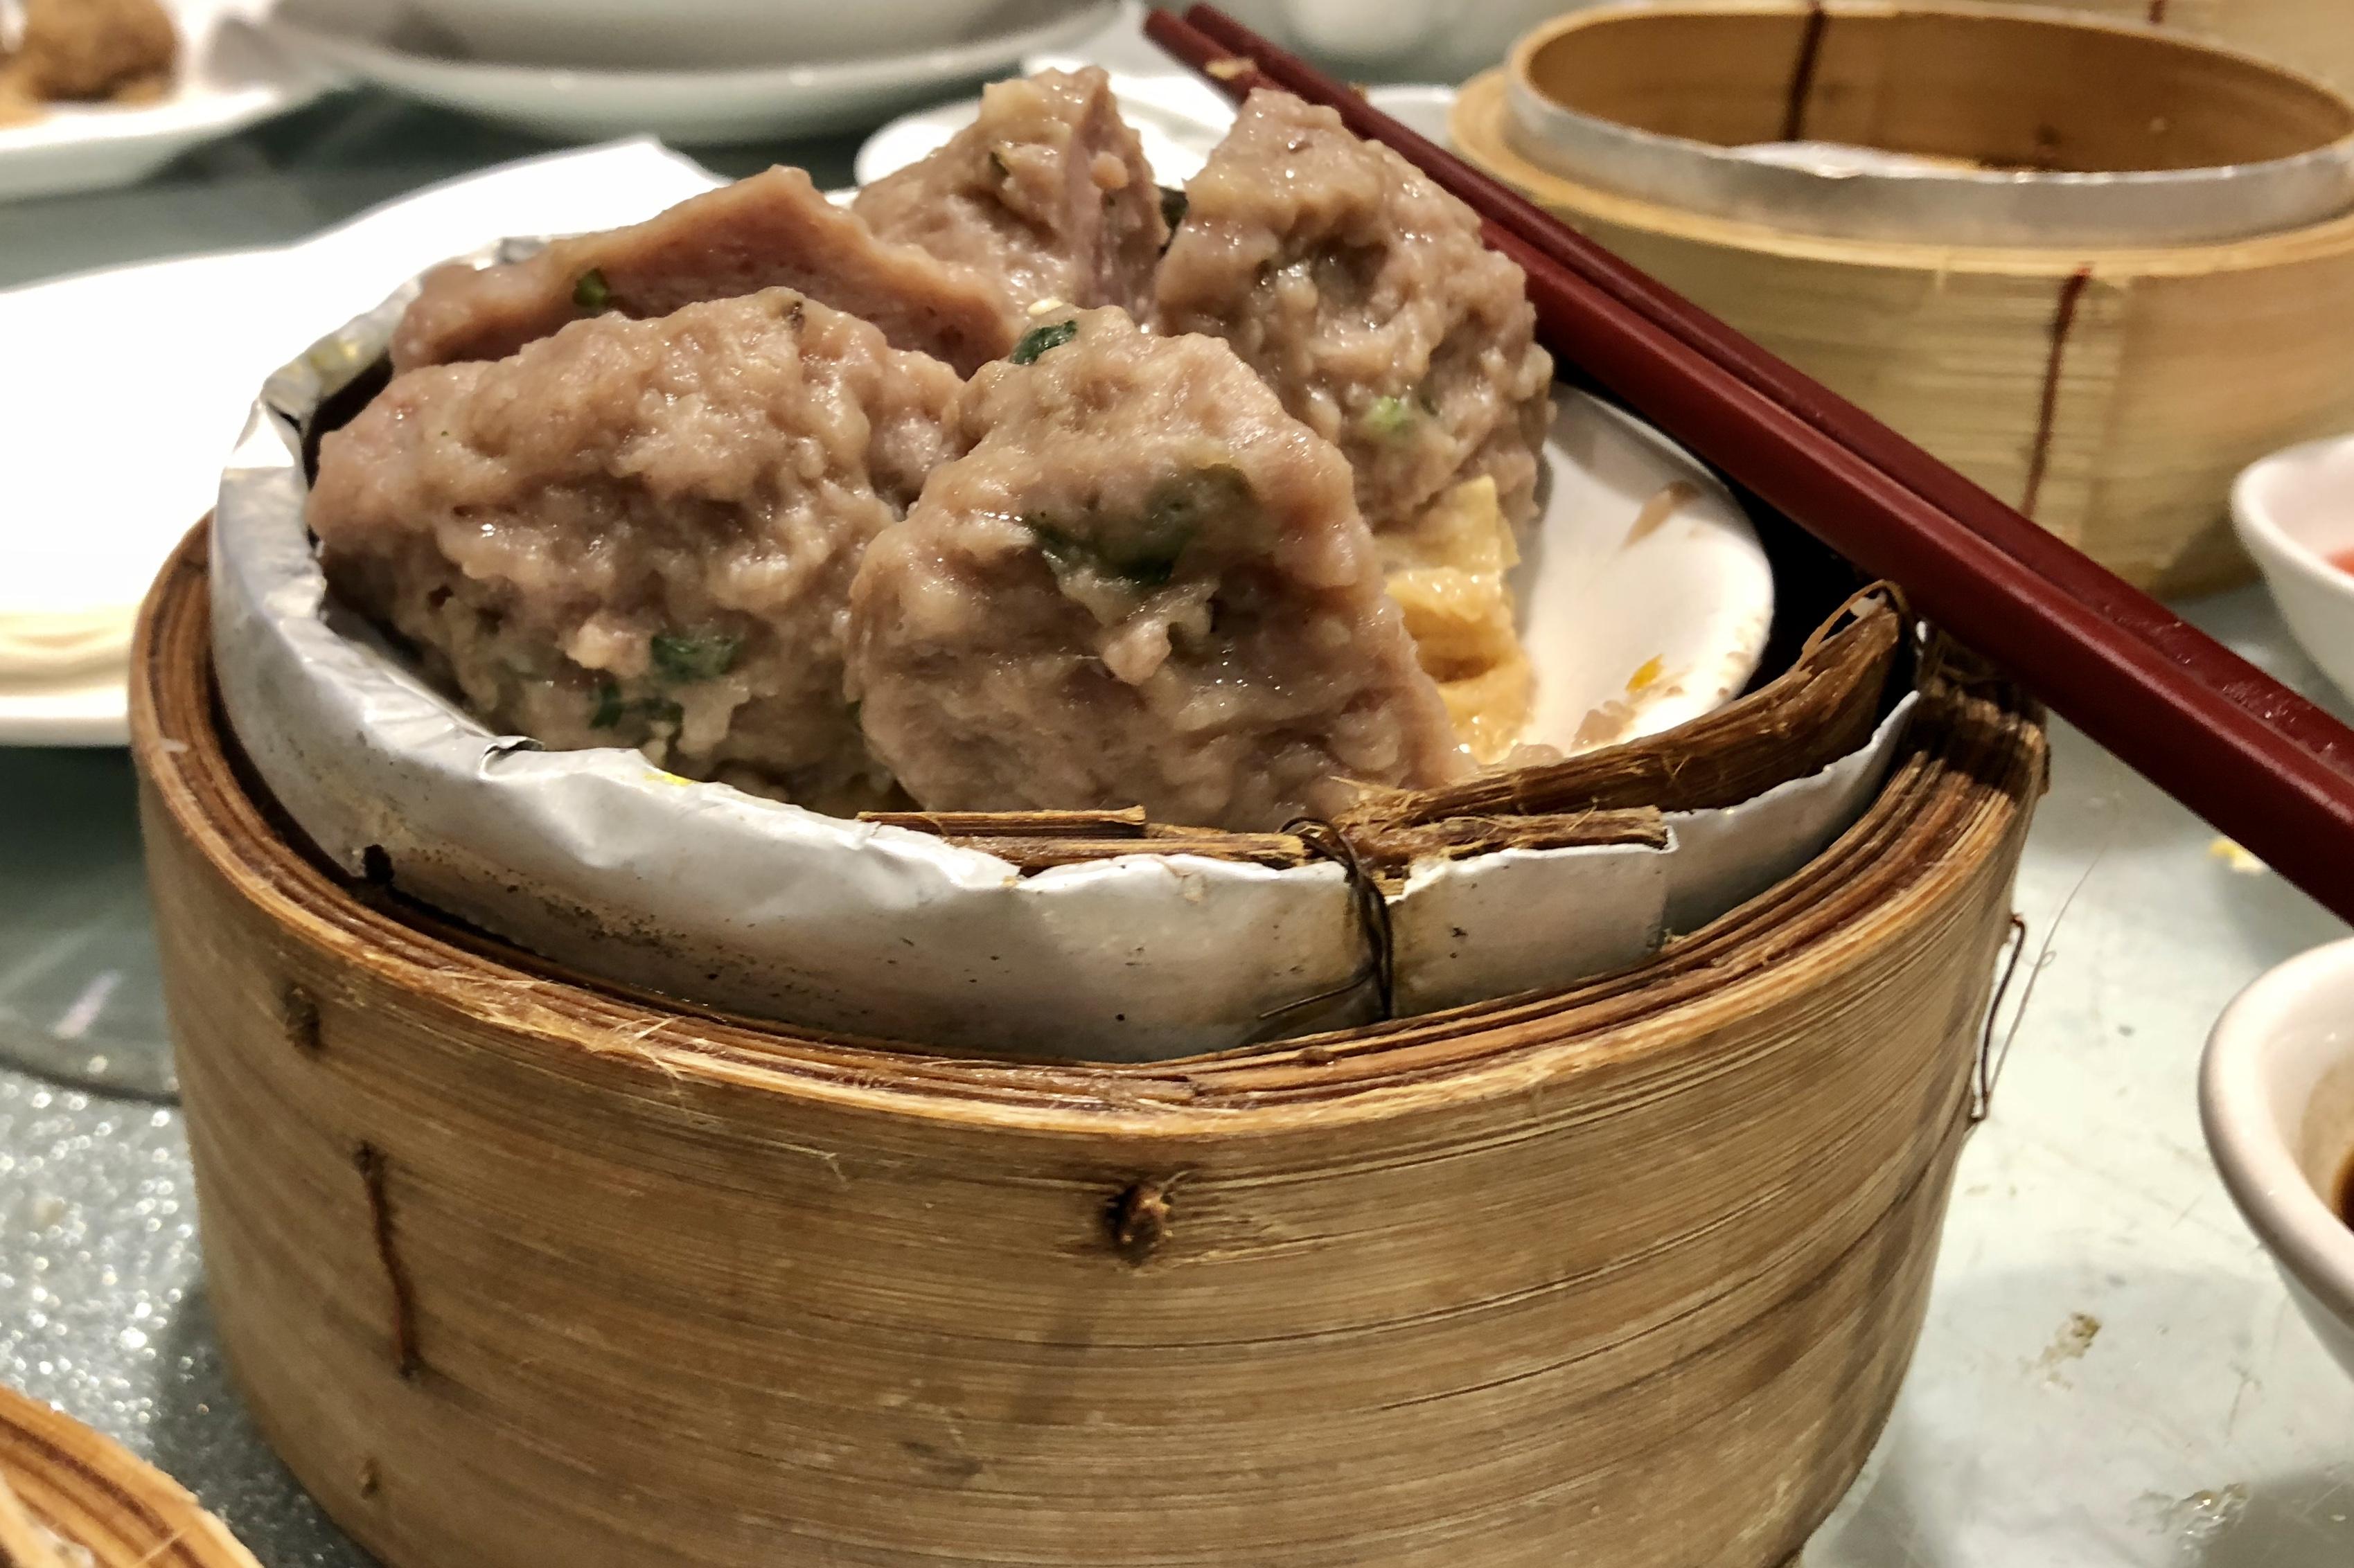 Beef Meatball Dumplings